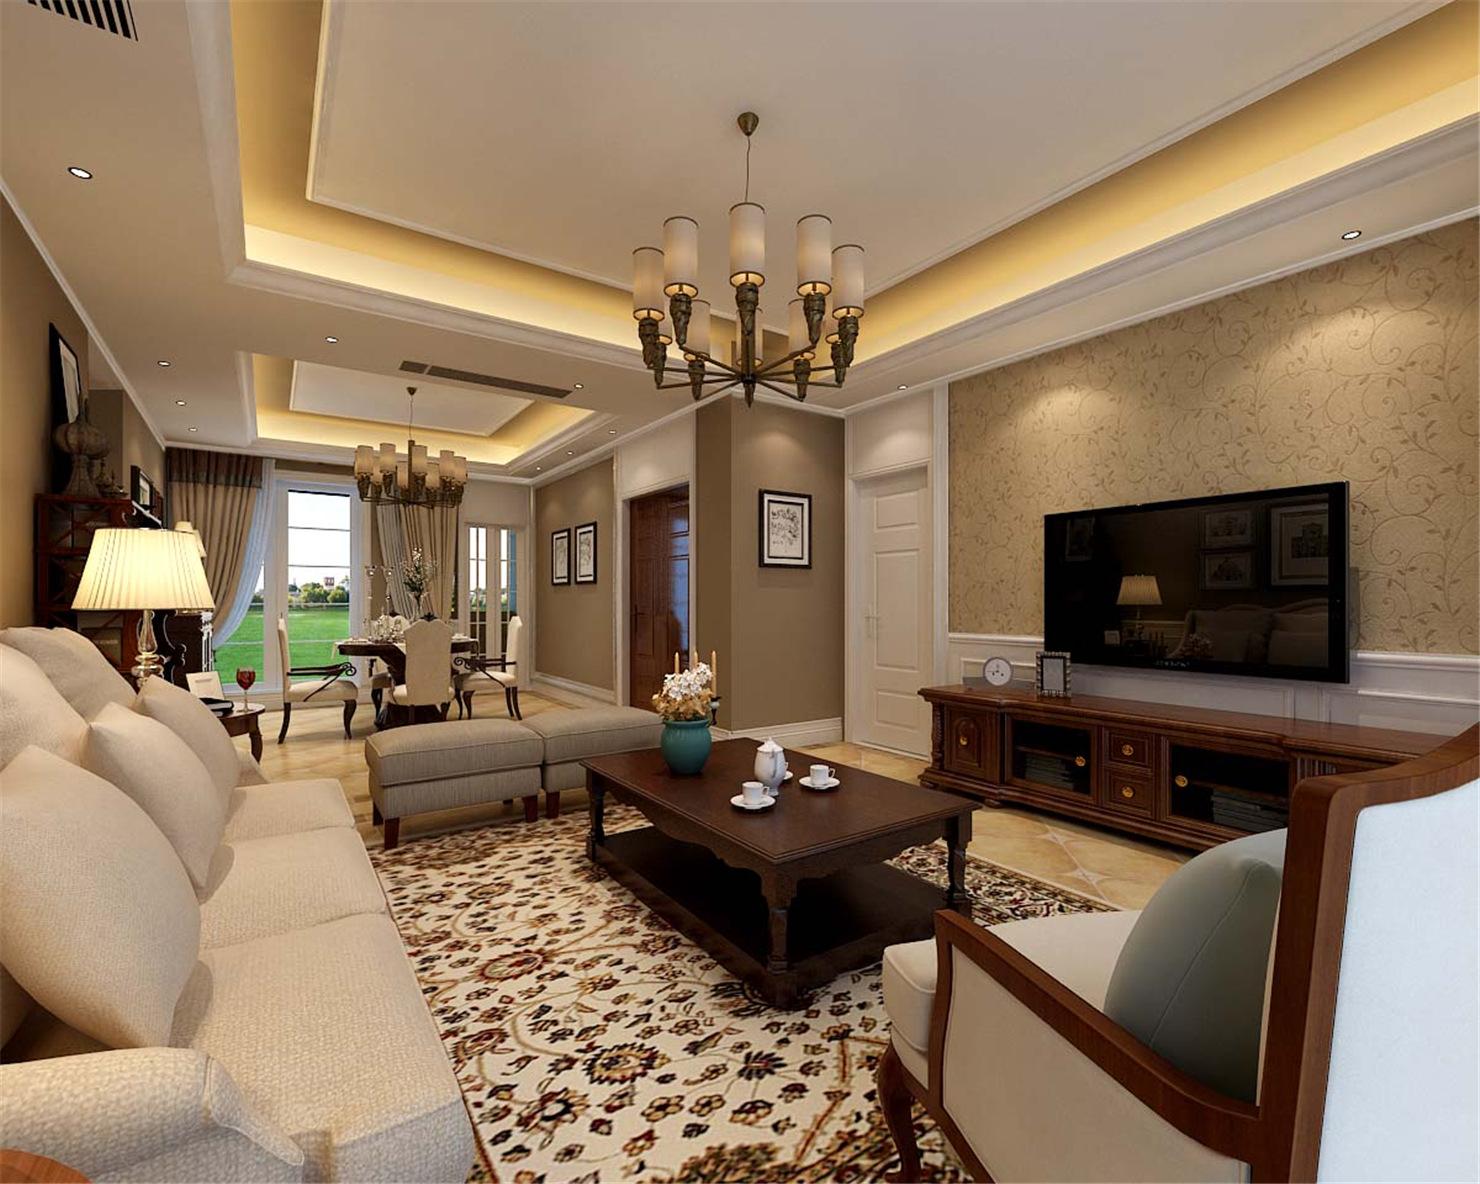 古北大城公 装修设计 简约欧式 腾龙设计 季蓓菁作品 客厅图片来自腾龙设计在古北大成公寓装修简约欧式风格的分享